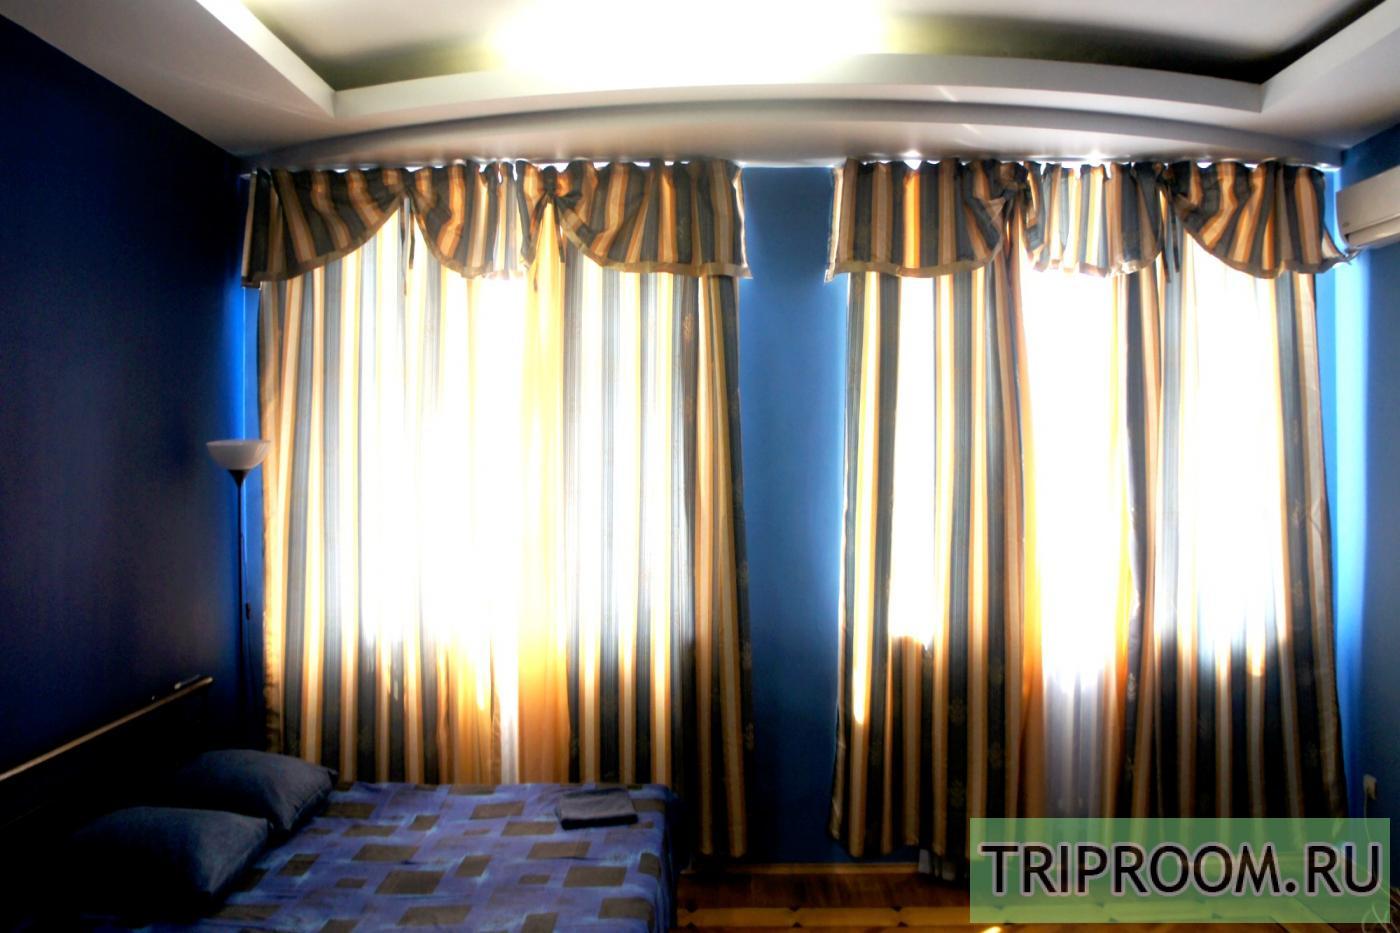 1-комнатная квартира посуточно (вариант № 10563), ул. Володарского улица, фото № 4